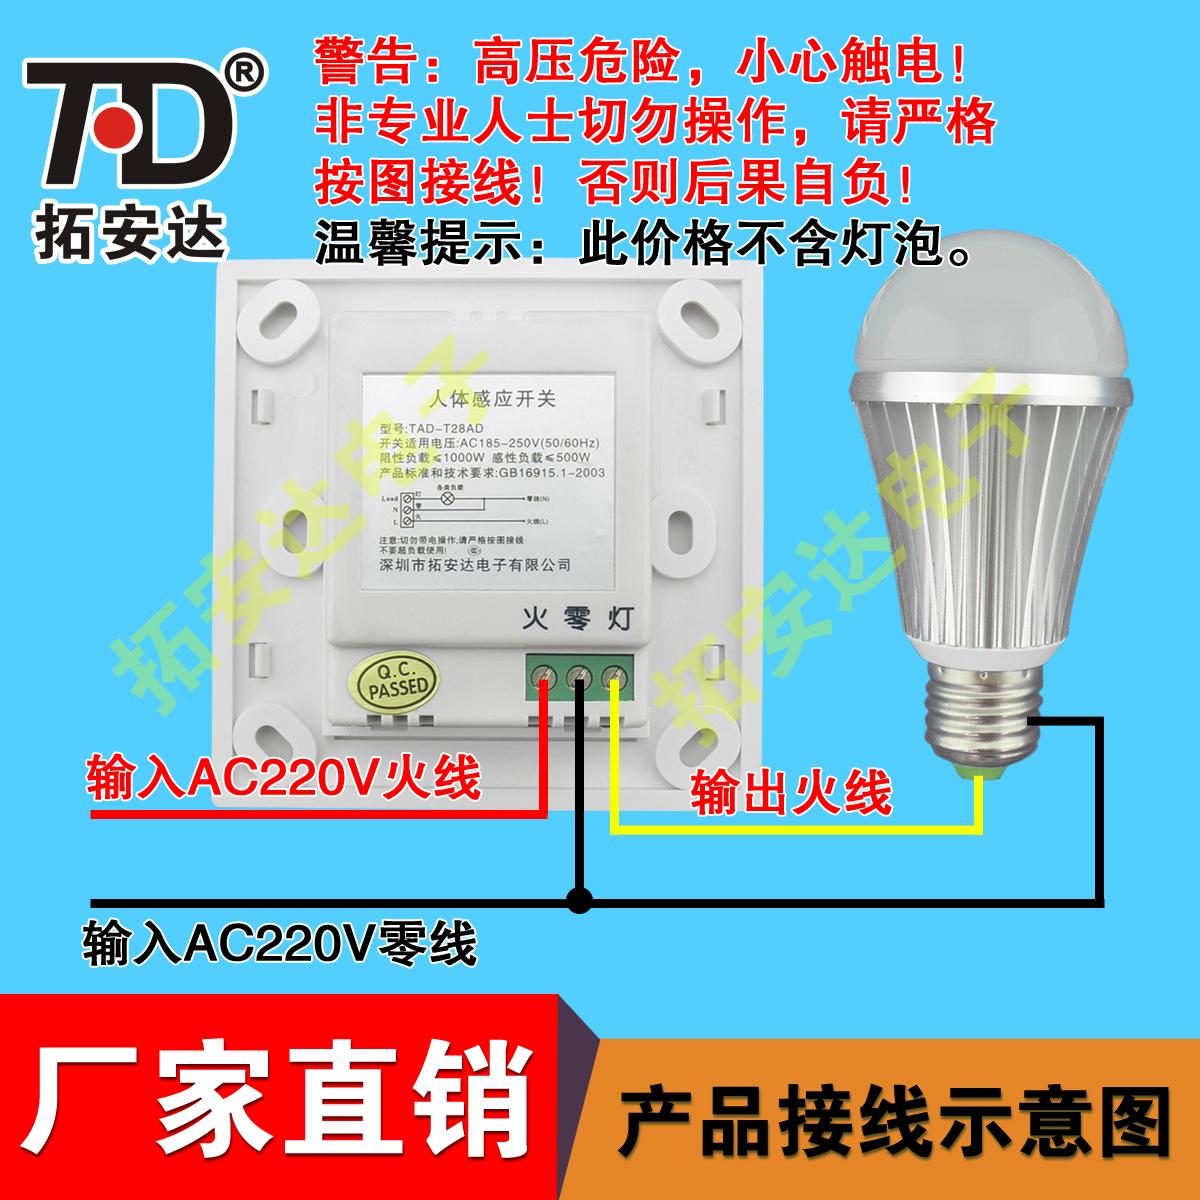 الأشعة تحت الحمراء الاستشعار التبديل 220 فولت مصباح استشعار ممر الممر ثلاثة خط 86 نوع قابل للتعديل عالية الطاقة